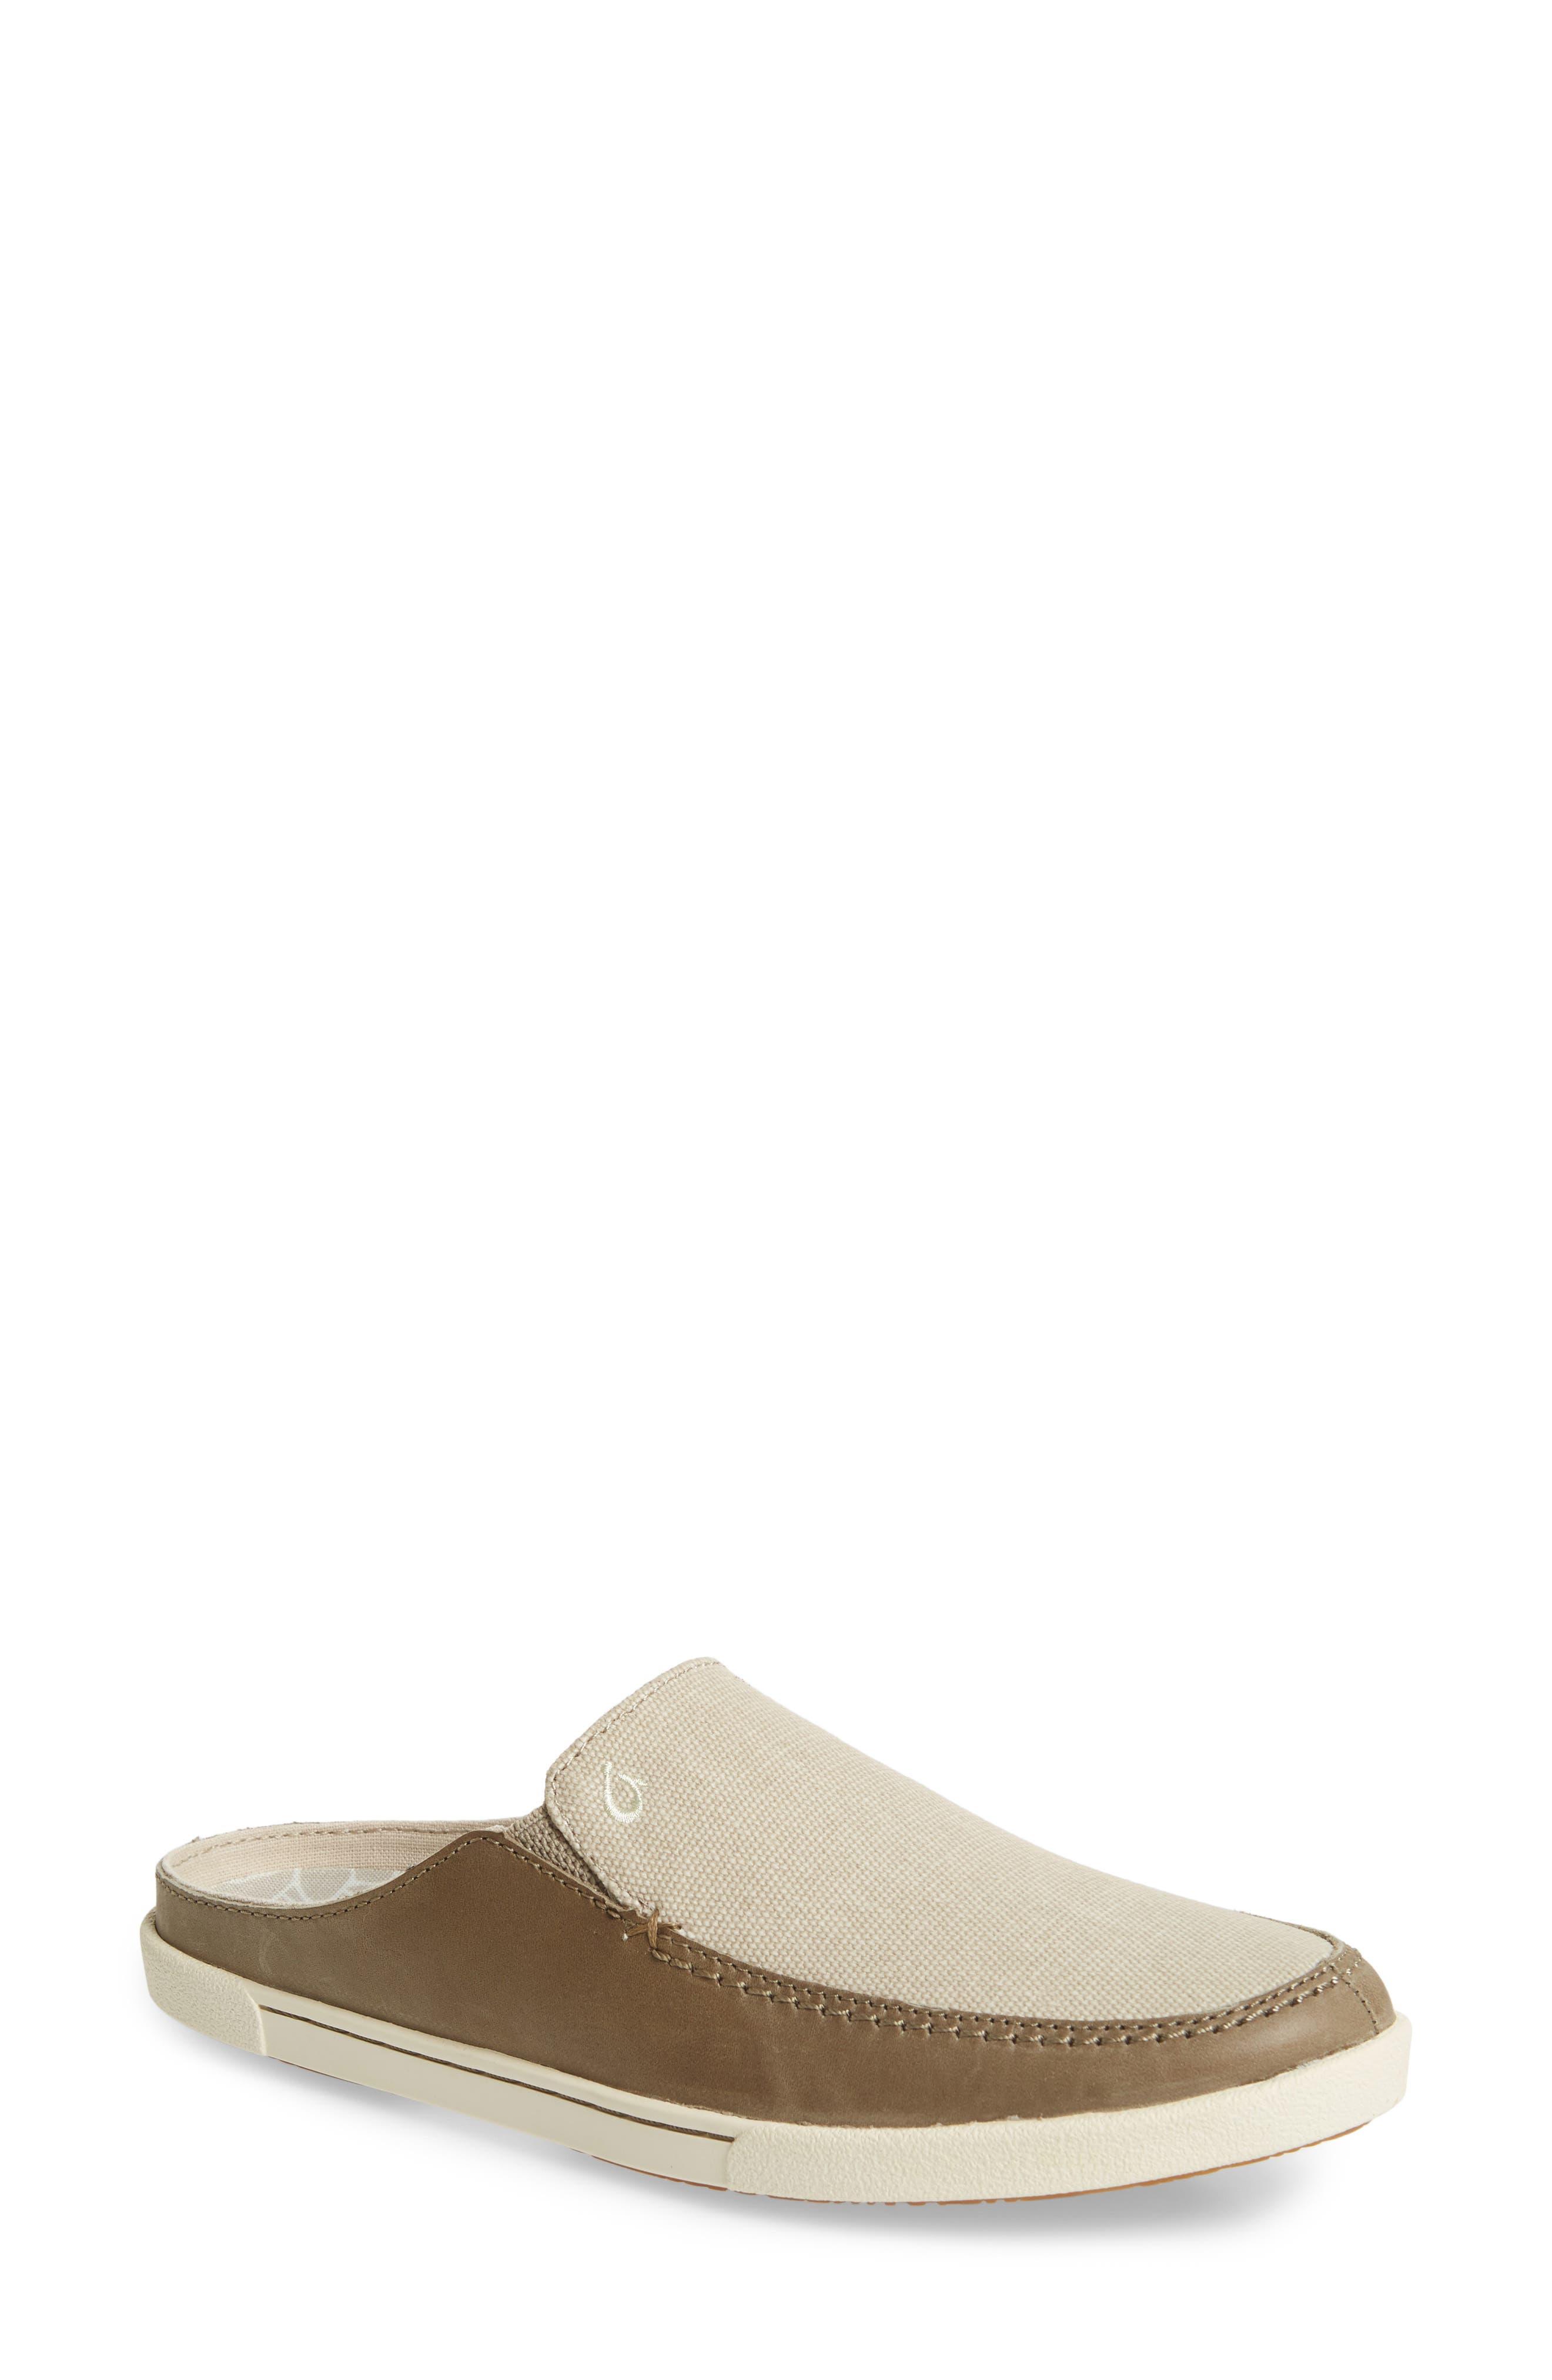 Huaka Mule,                         Main,                         color, Silt/ Tapa Leather